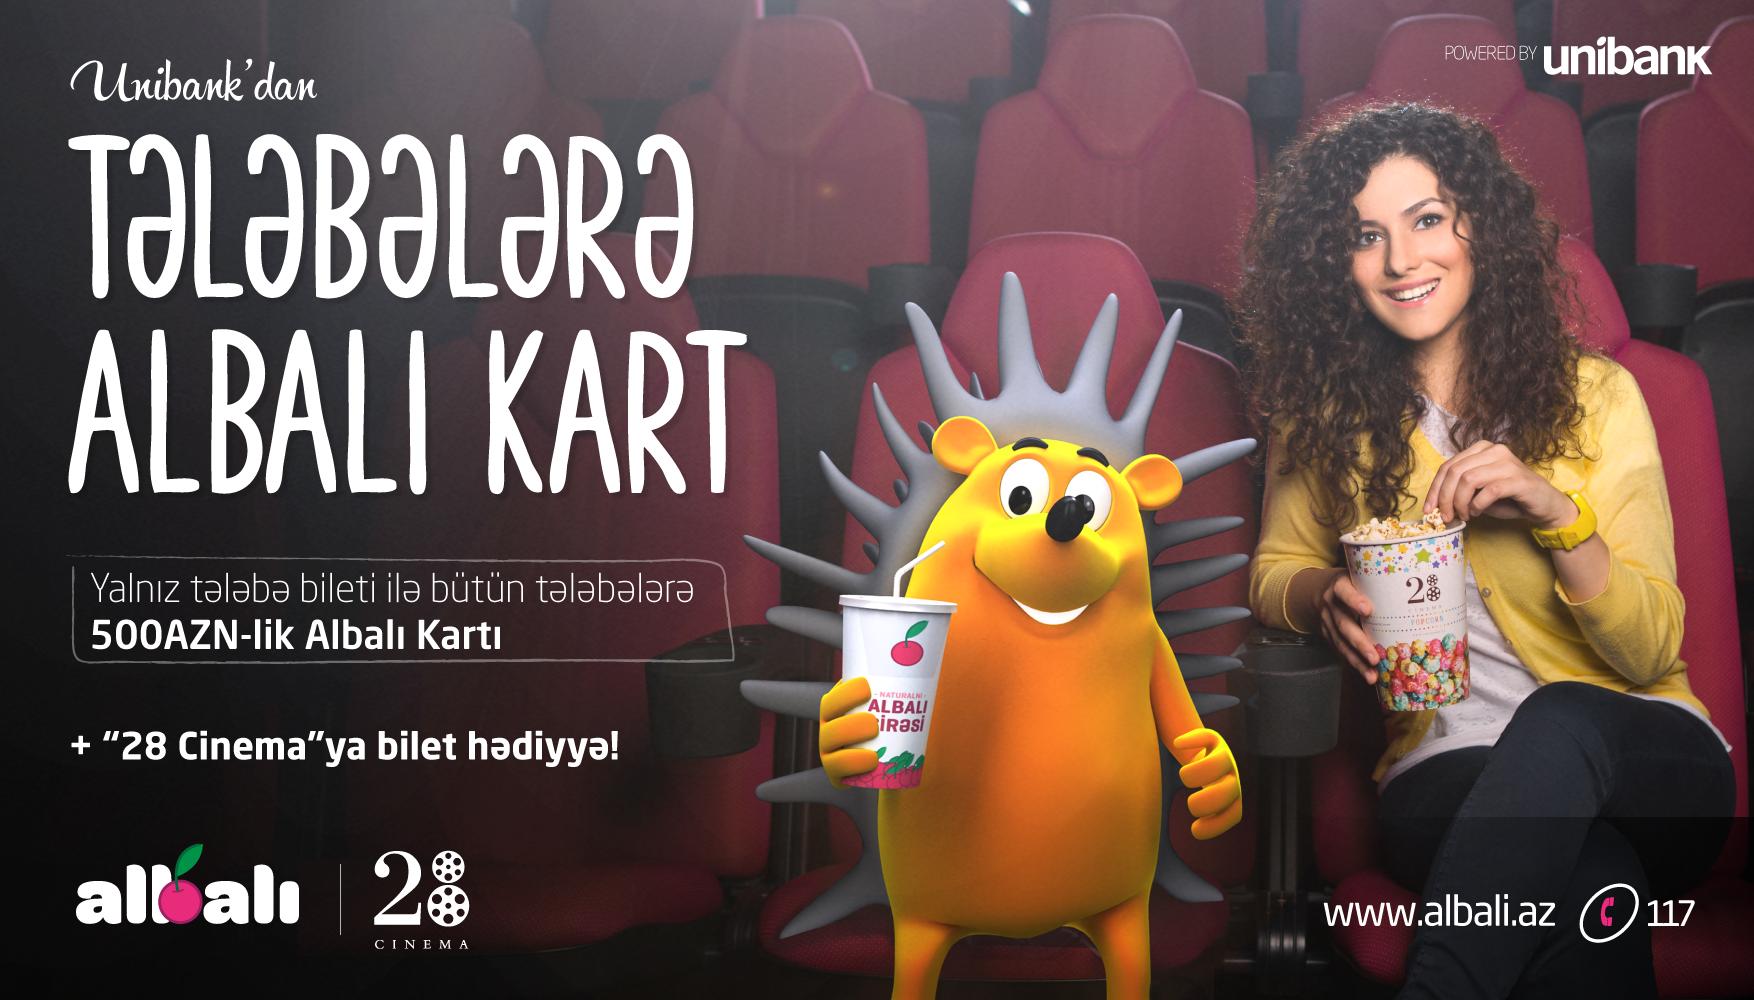 HƏR TƏLƏBƏYƏ ALBALI  KART